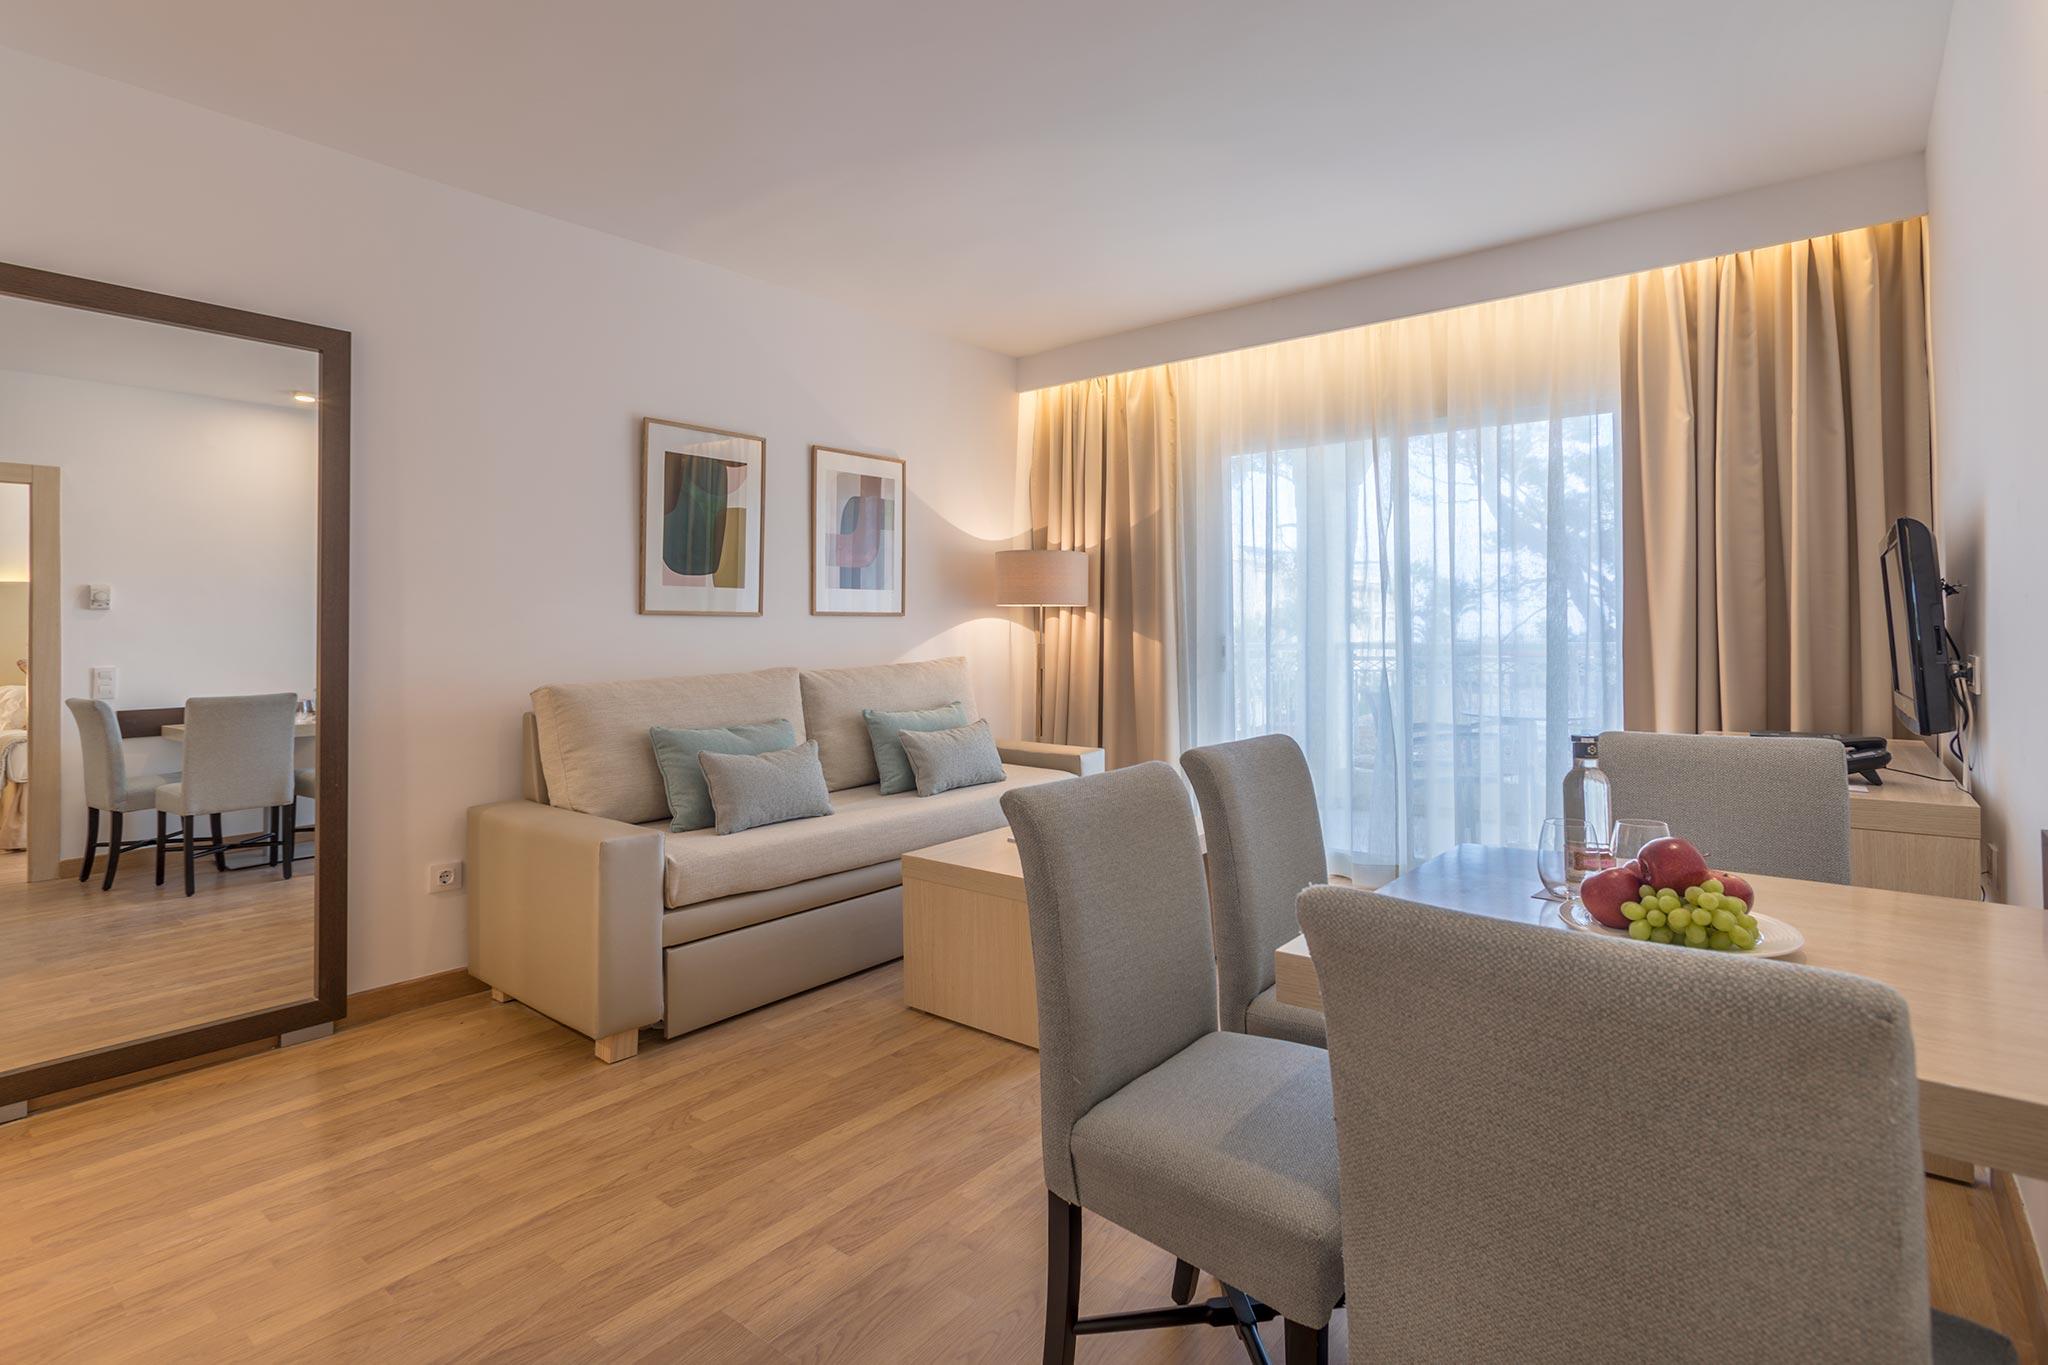 Zimmer hotel zafiro bahia bilder und zimmerausstattung for Zimmer hotel